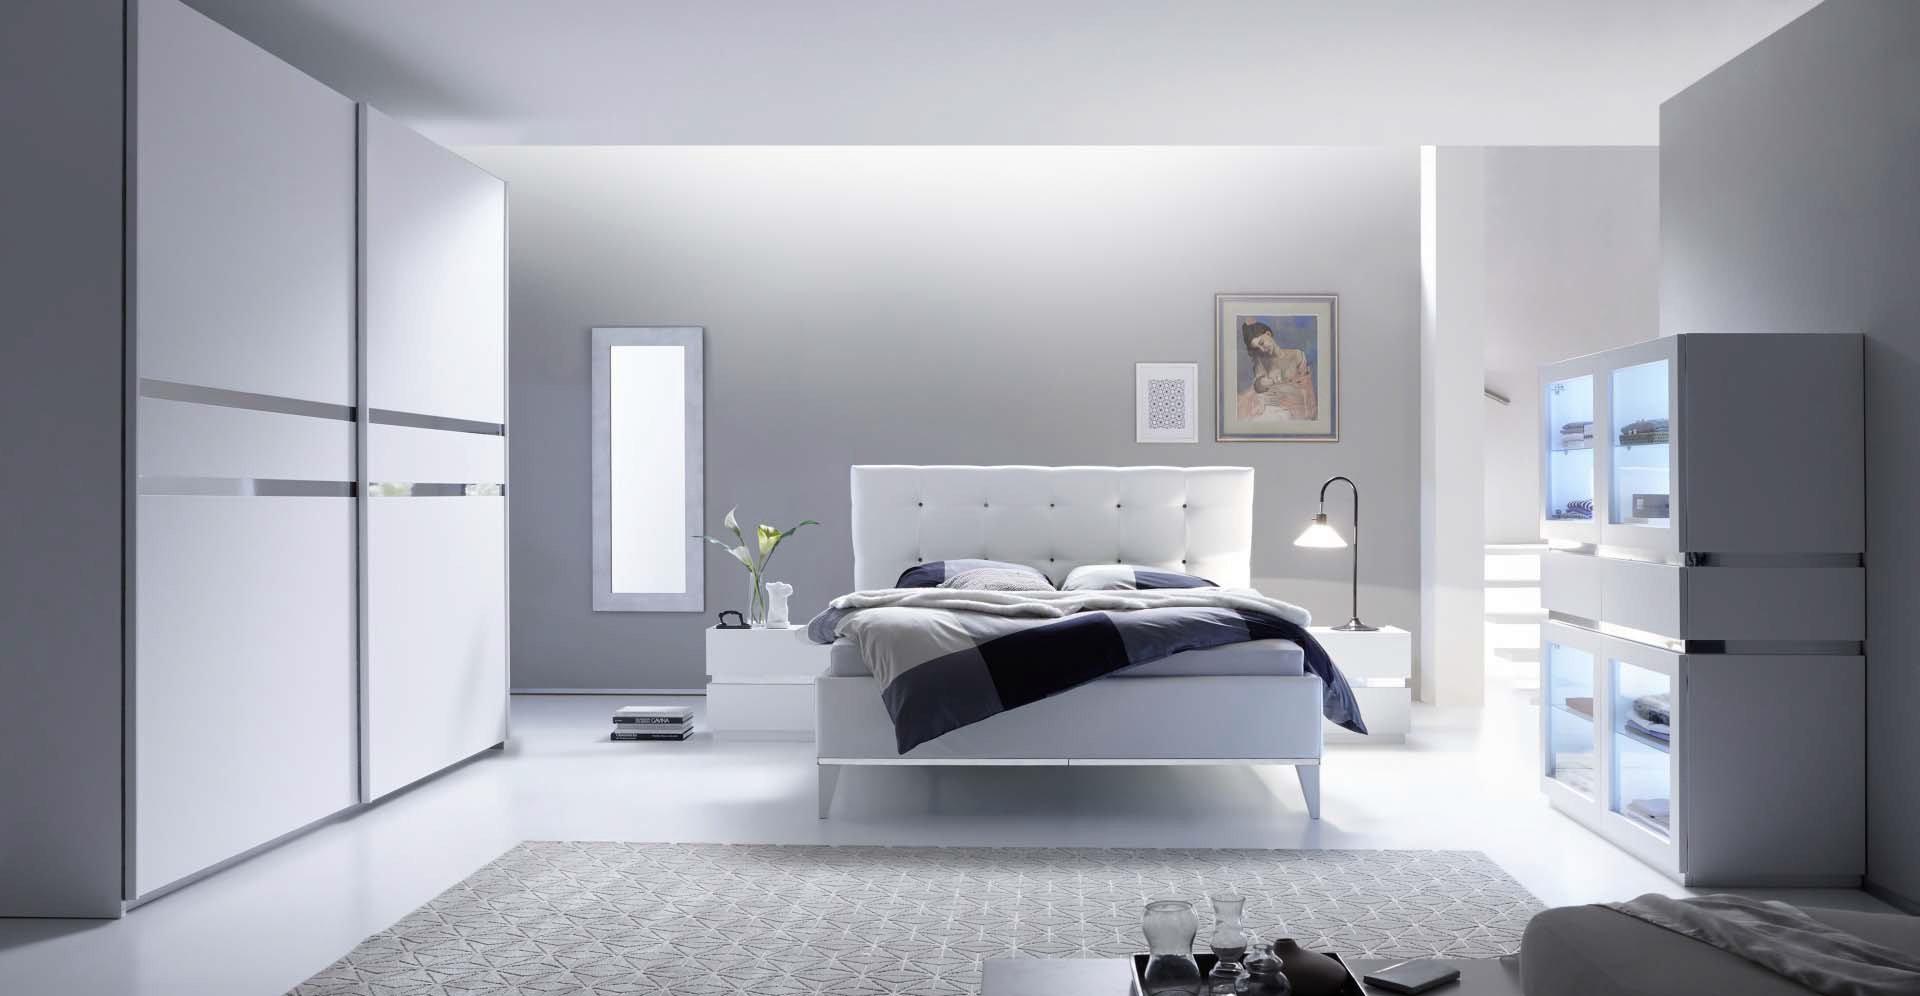 Letto matrimoniale reno mobile camera da letto moderno for Colori camera da letto matrimoniale